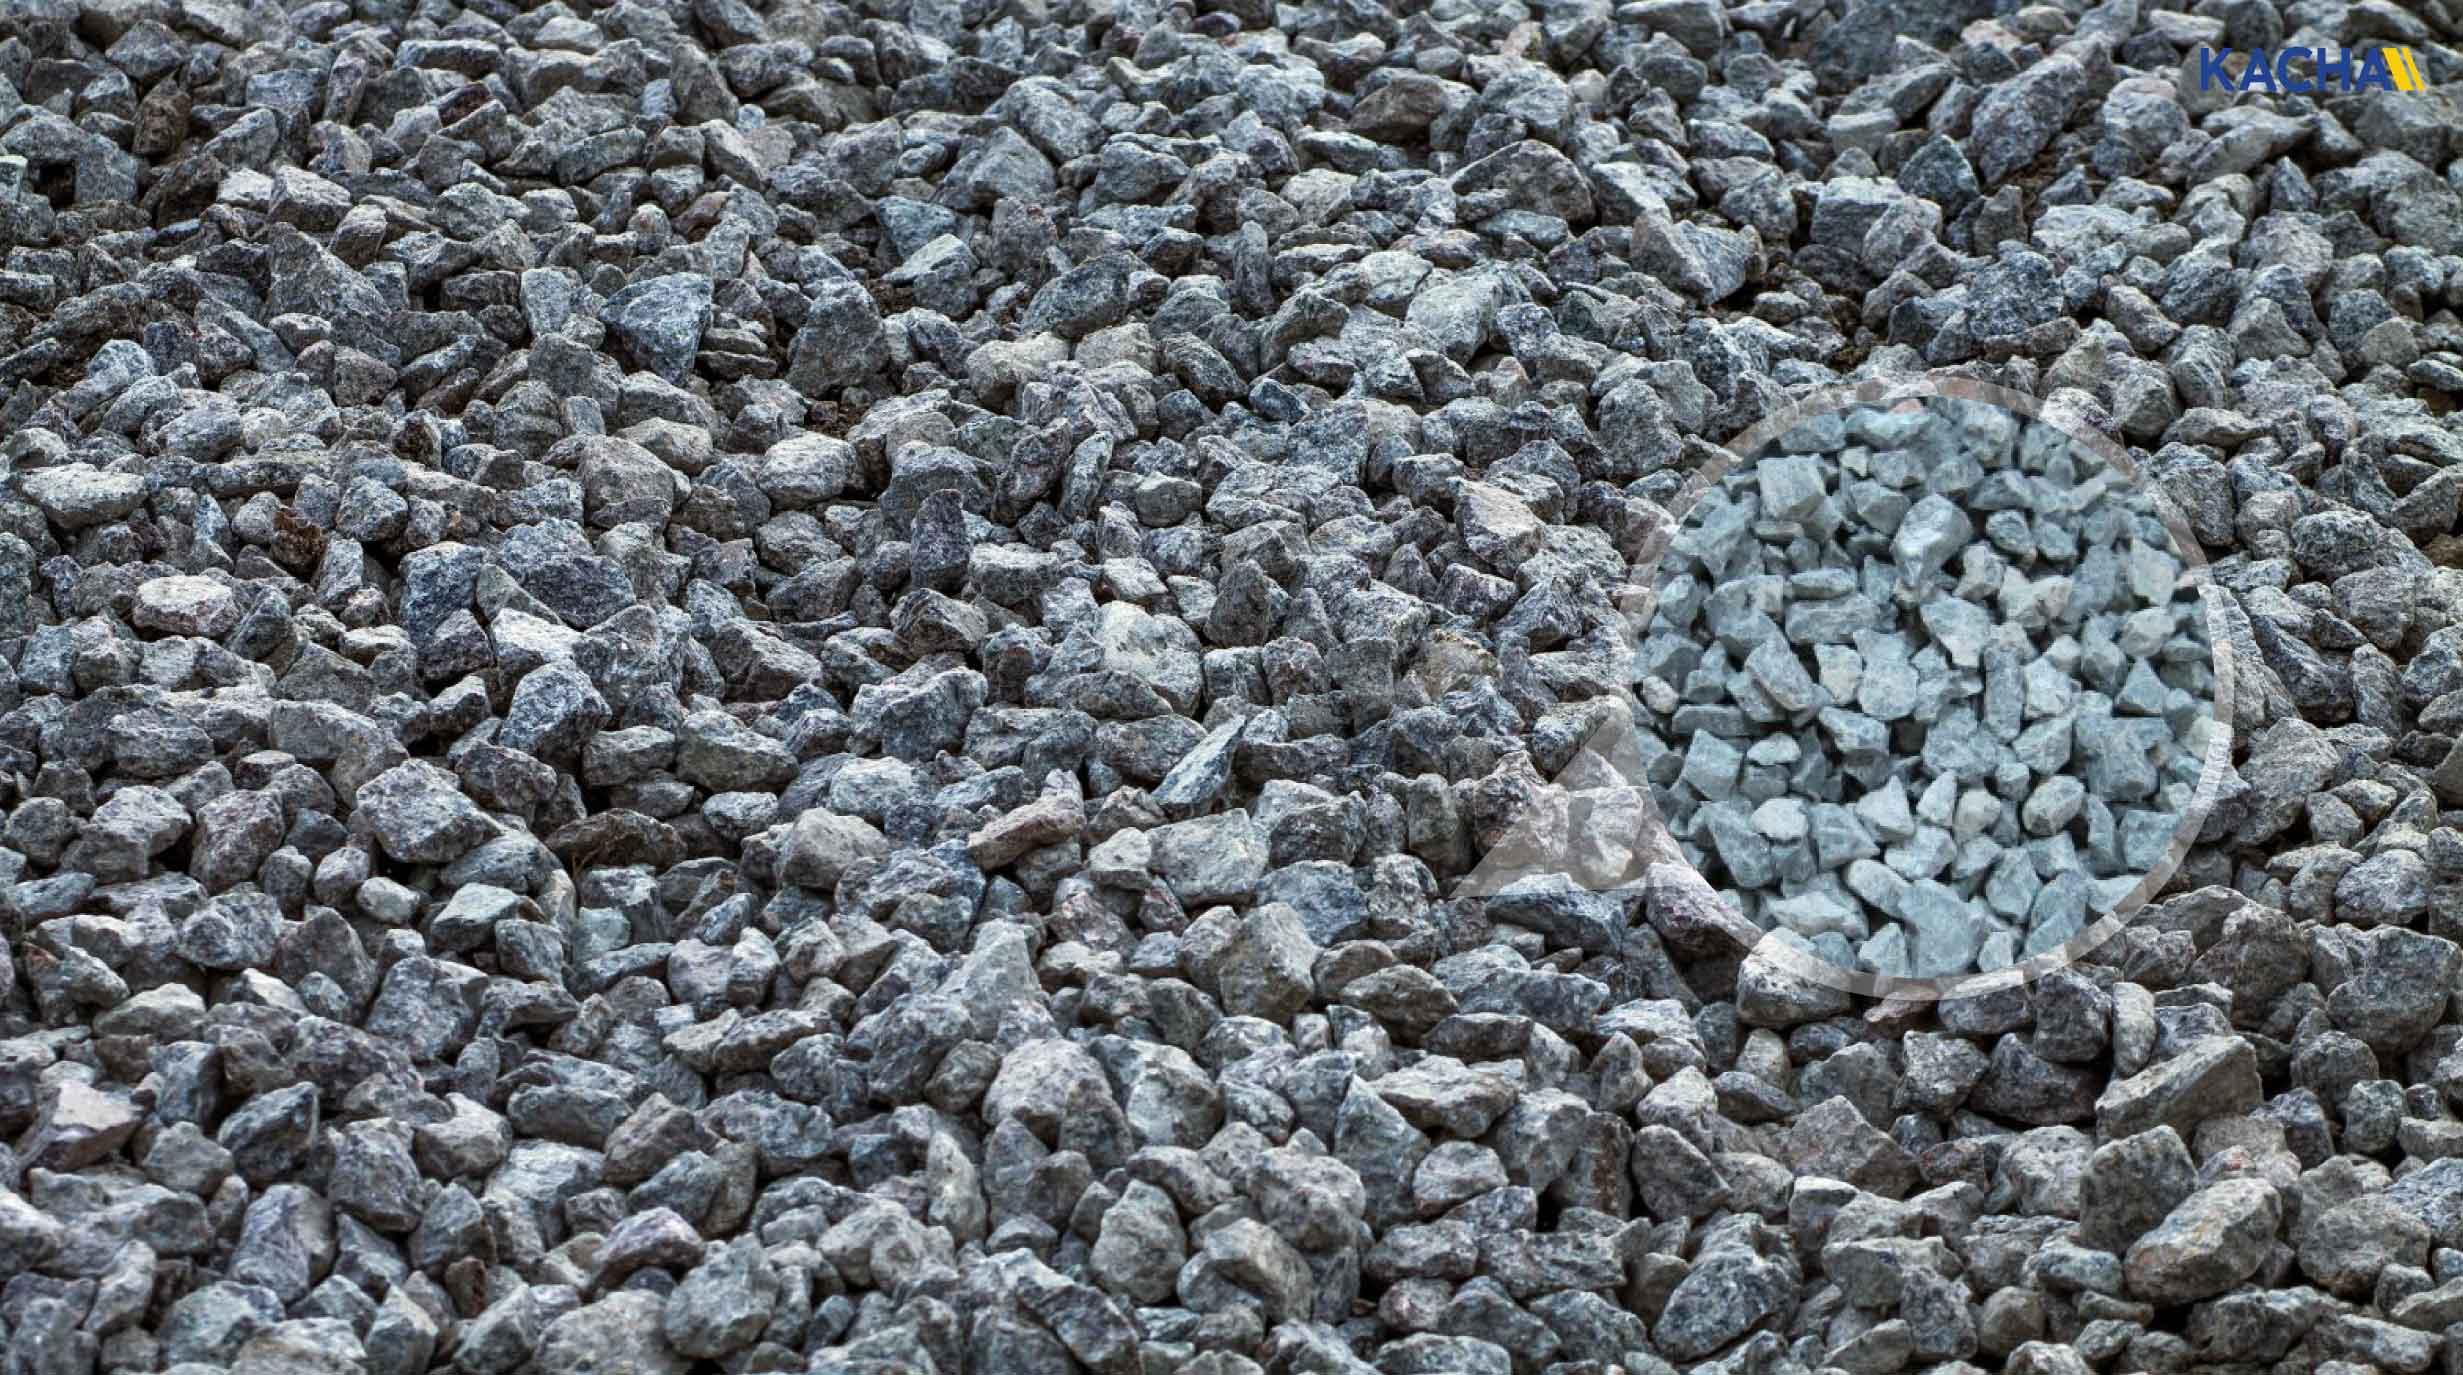 210410-Content-หินคลุก-หินเกล็ด-คืออะไร-ใช้งานต่างกันไหม03